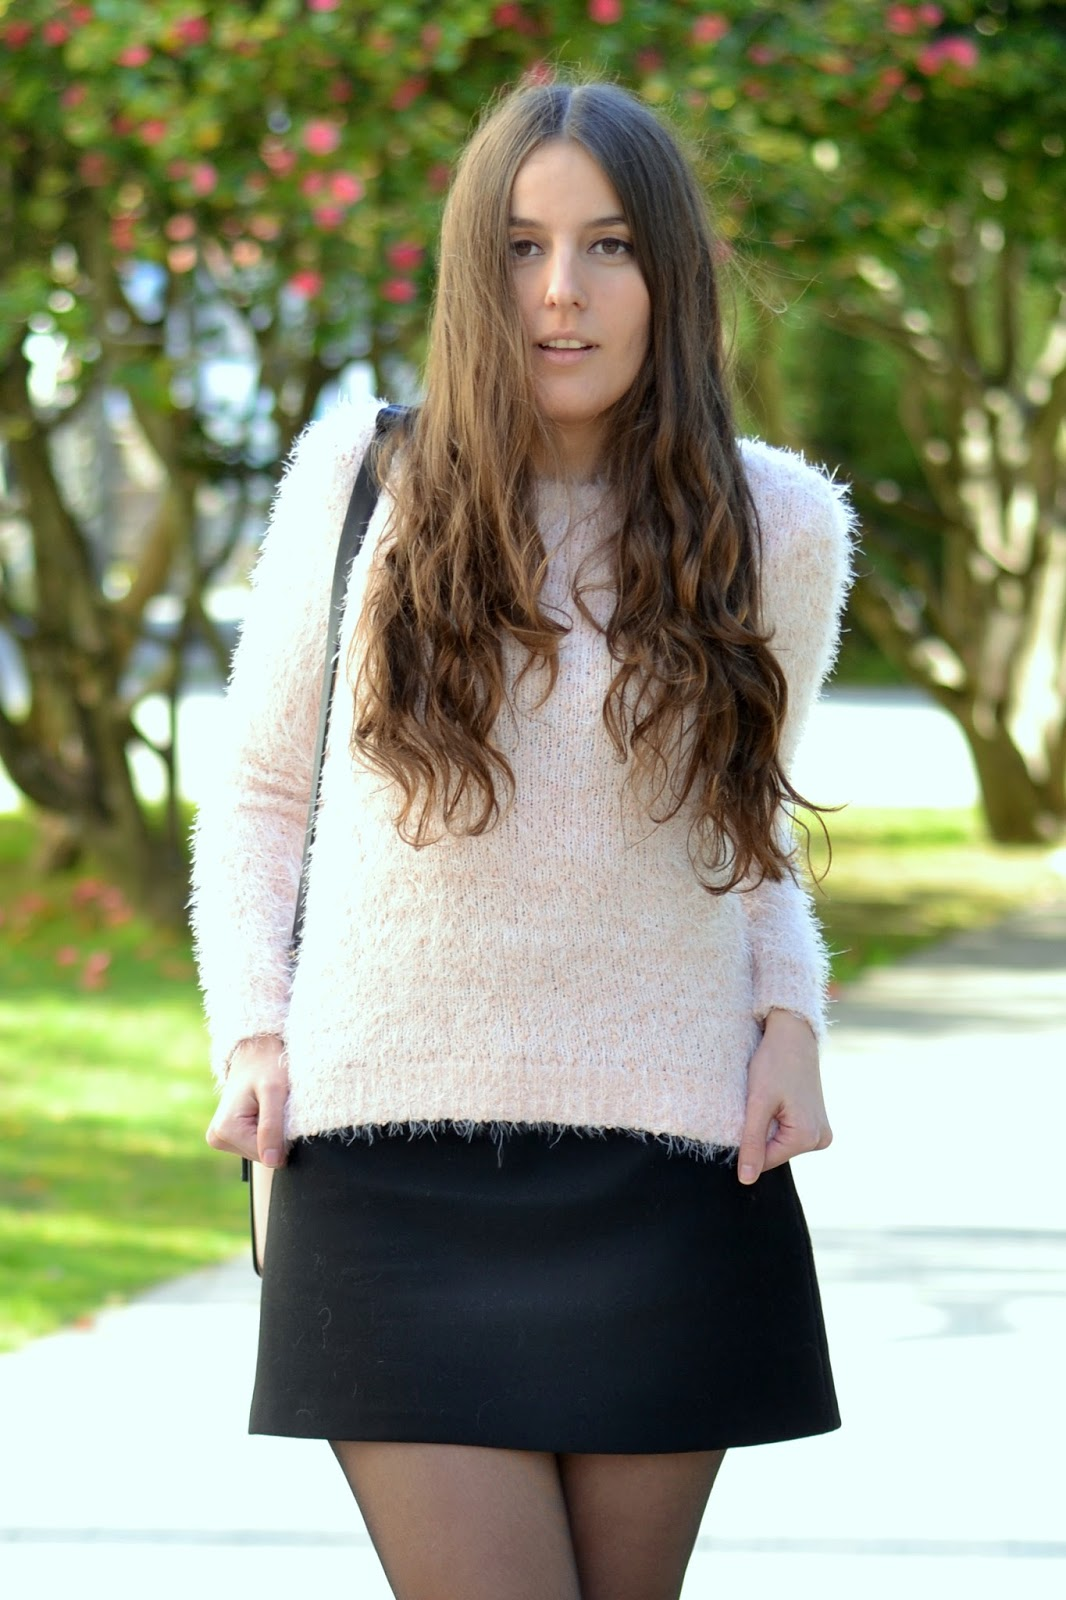 jersey rosa y falda negra